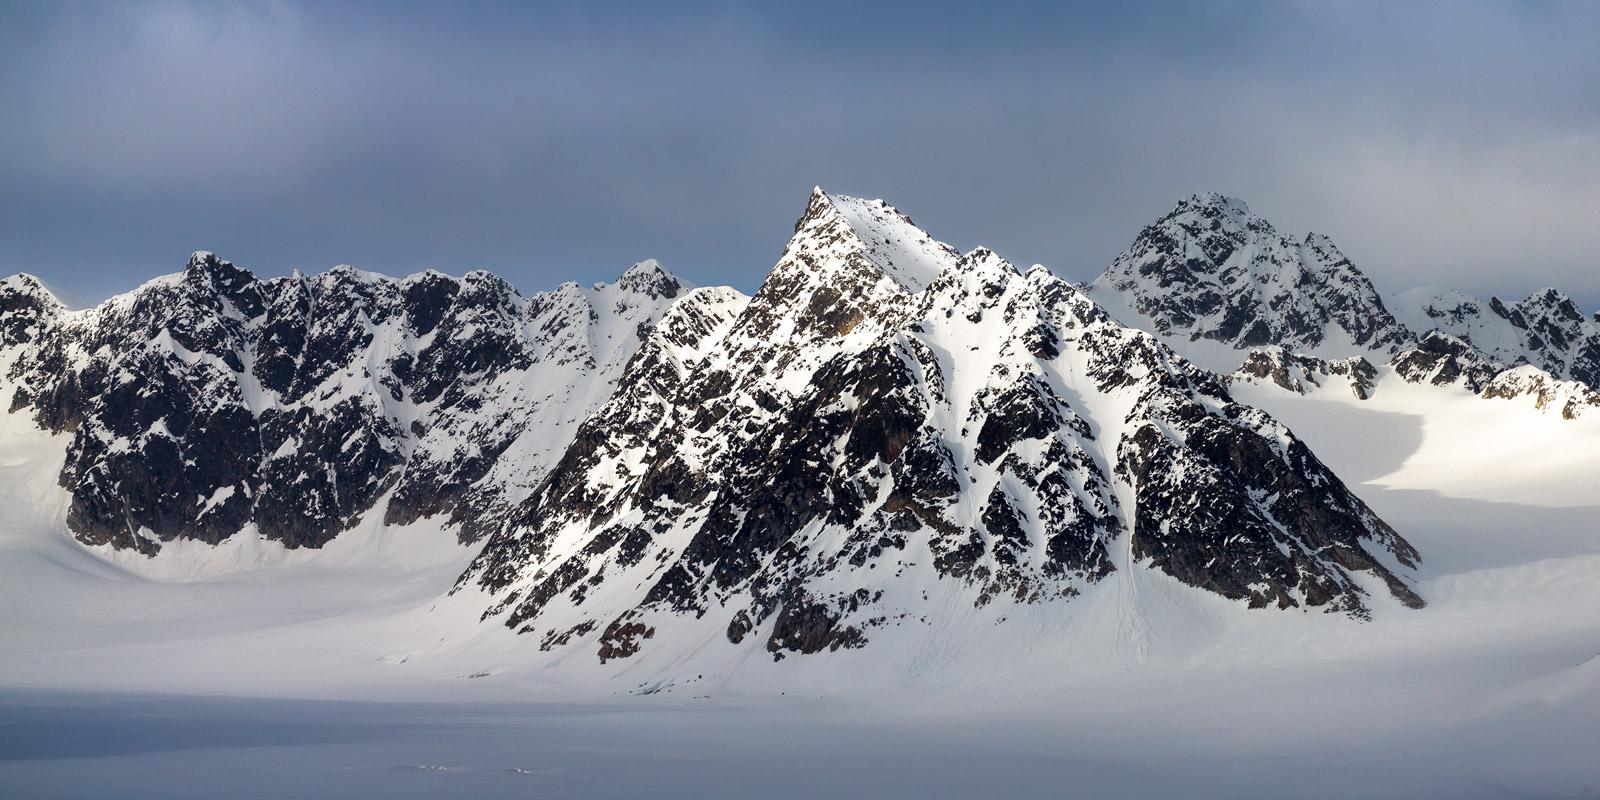 Norway, Spitsbergen, Mountain, Svalbard, photo